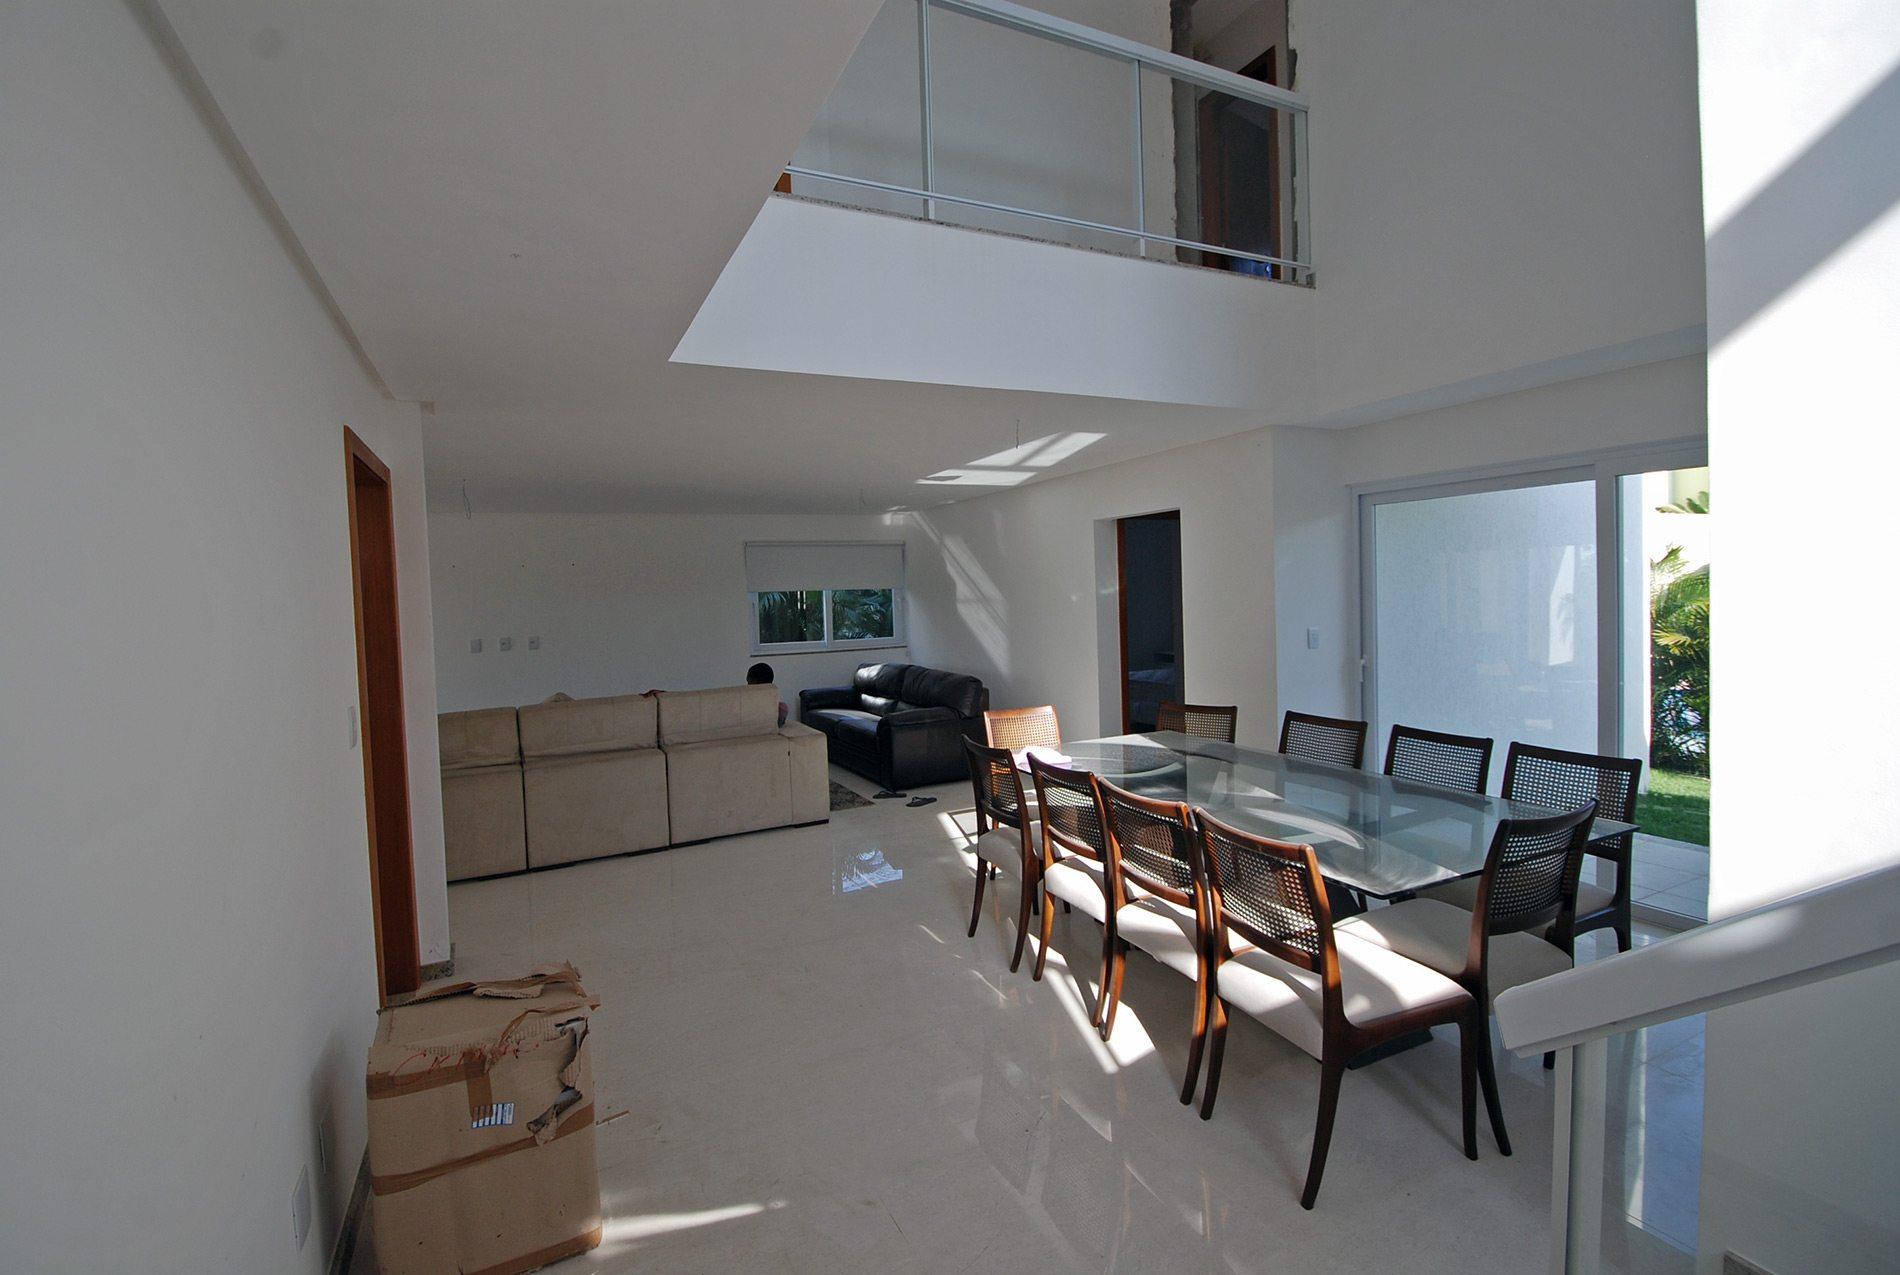 Casa di lusso in vendita guarajuba hansen im veis for Piani casa di lusso 2015